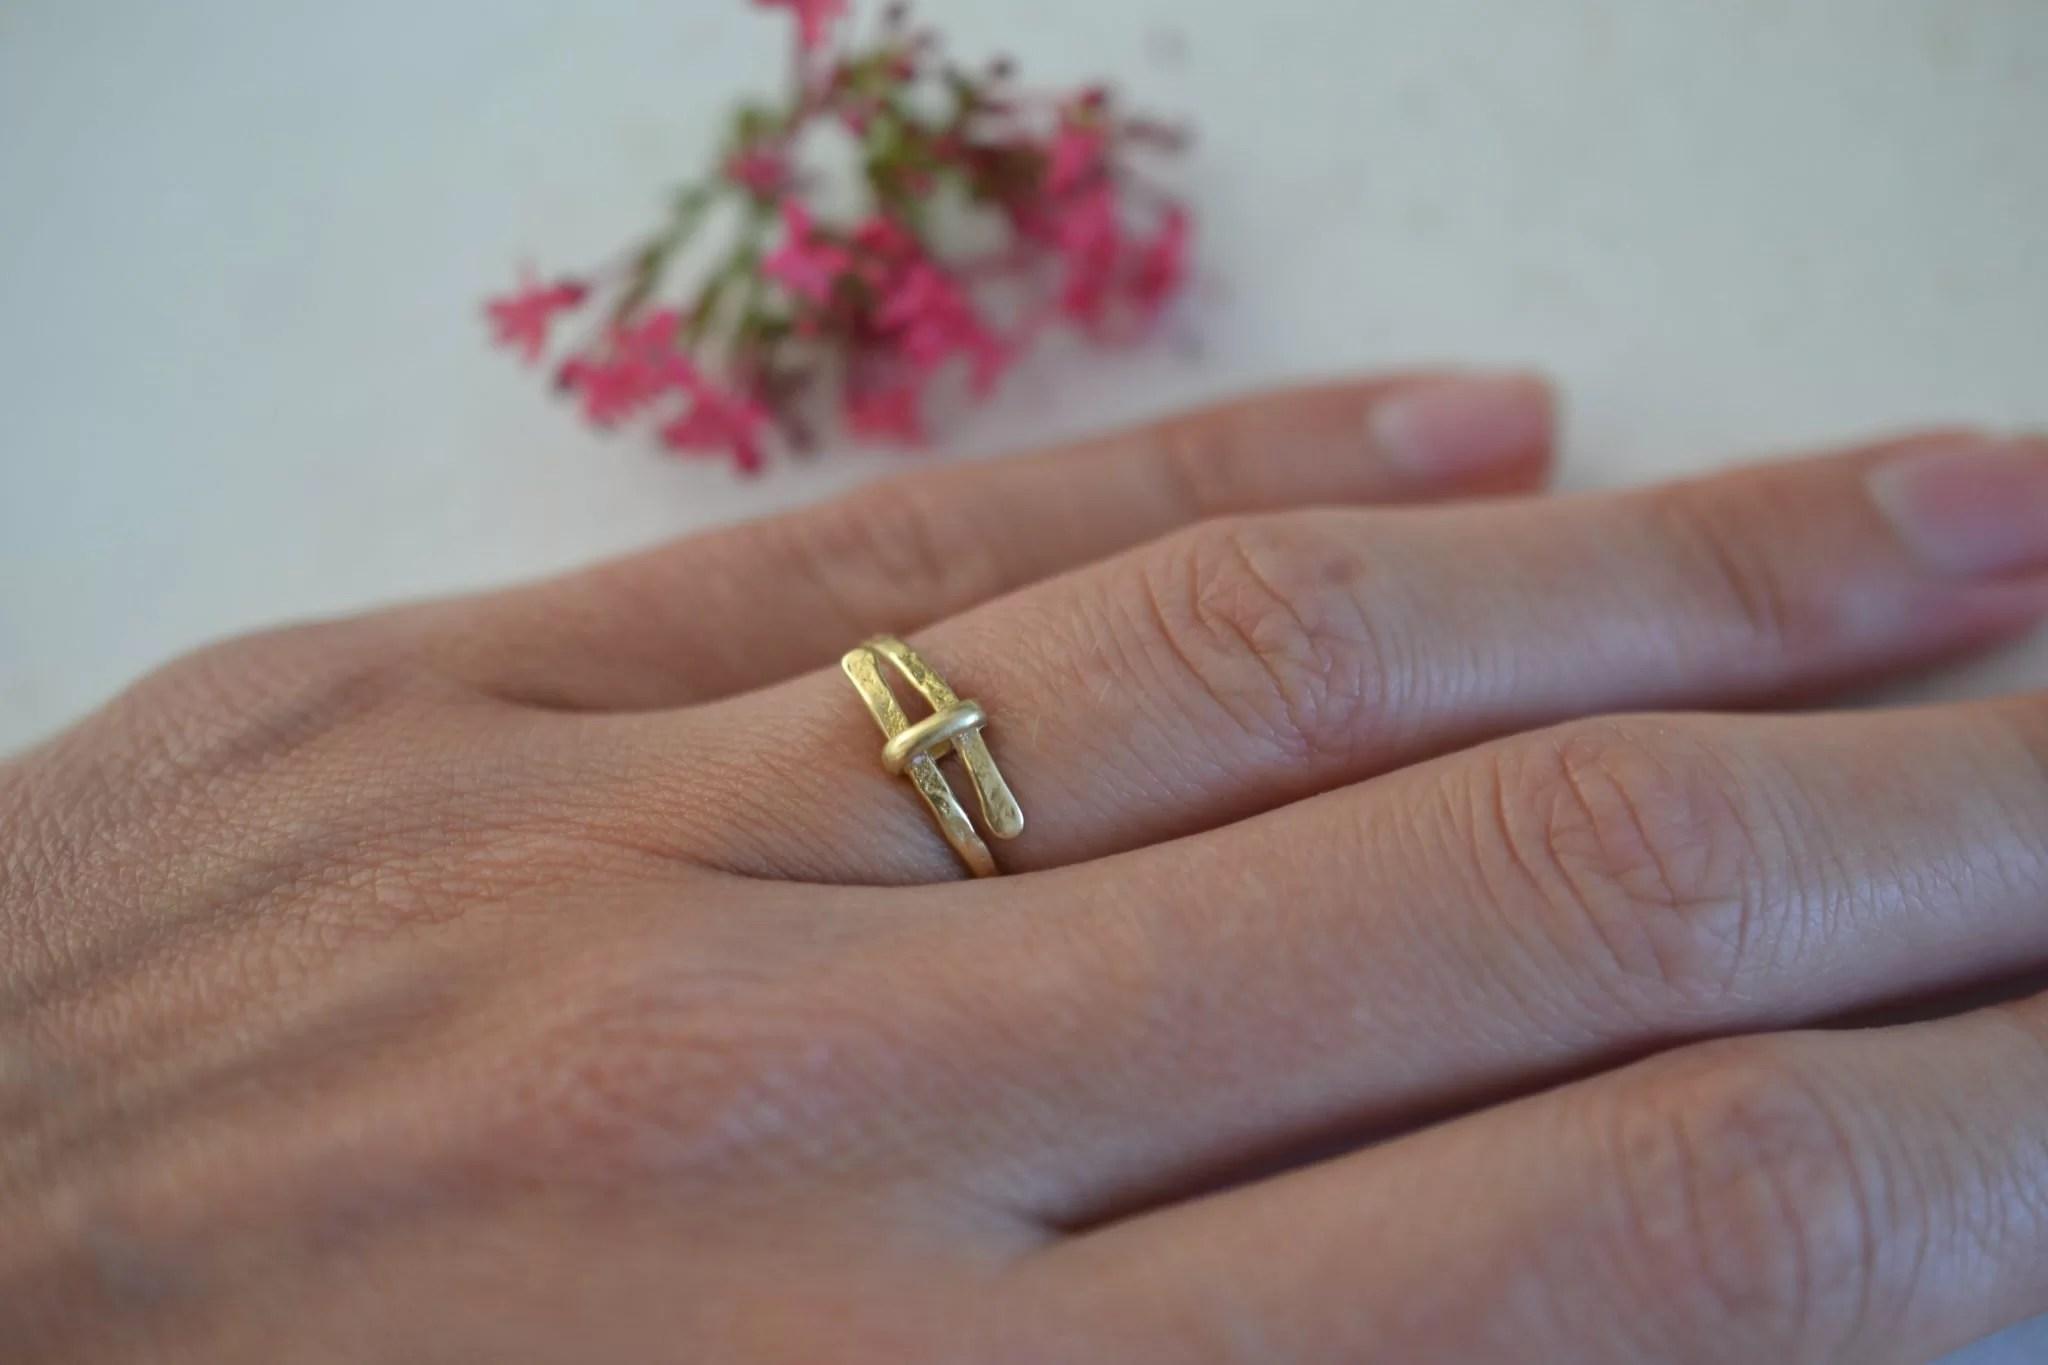 bague martelée en or - Bijou vintage certifé - 18 carats 750:1000 - bijoux ecoresponsables